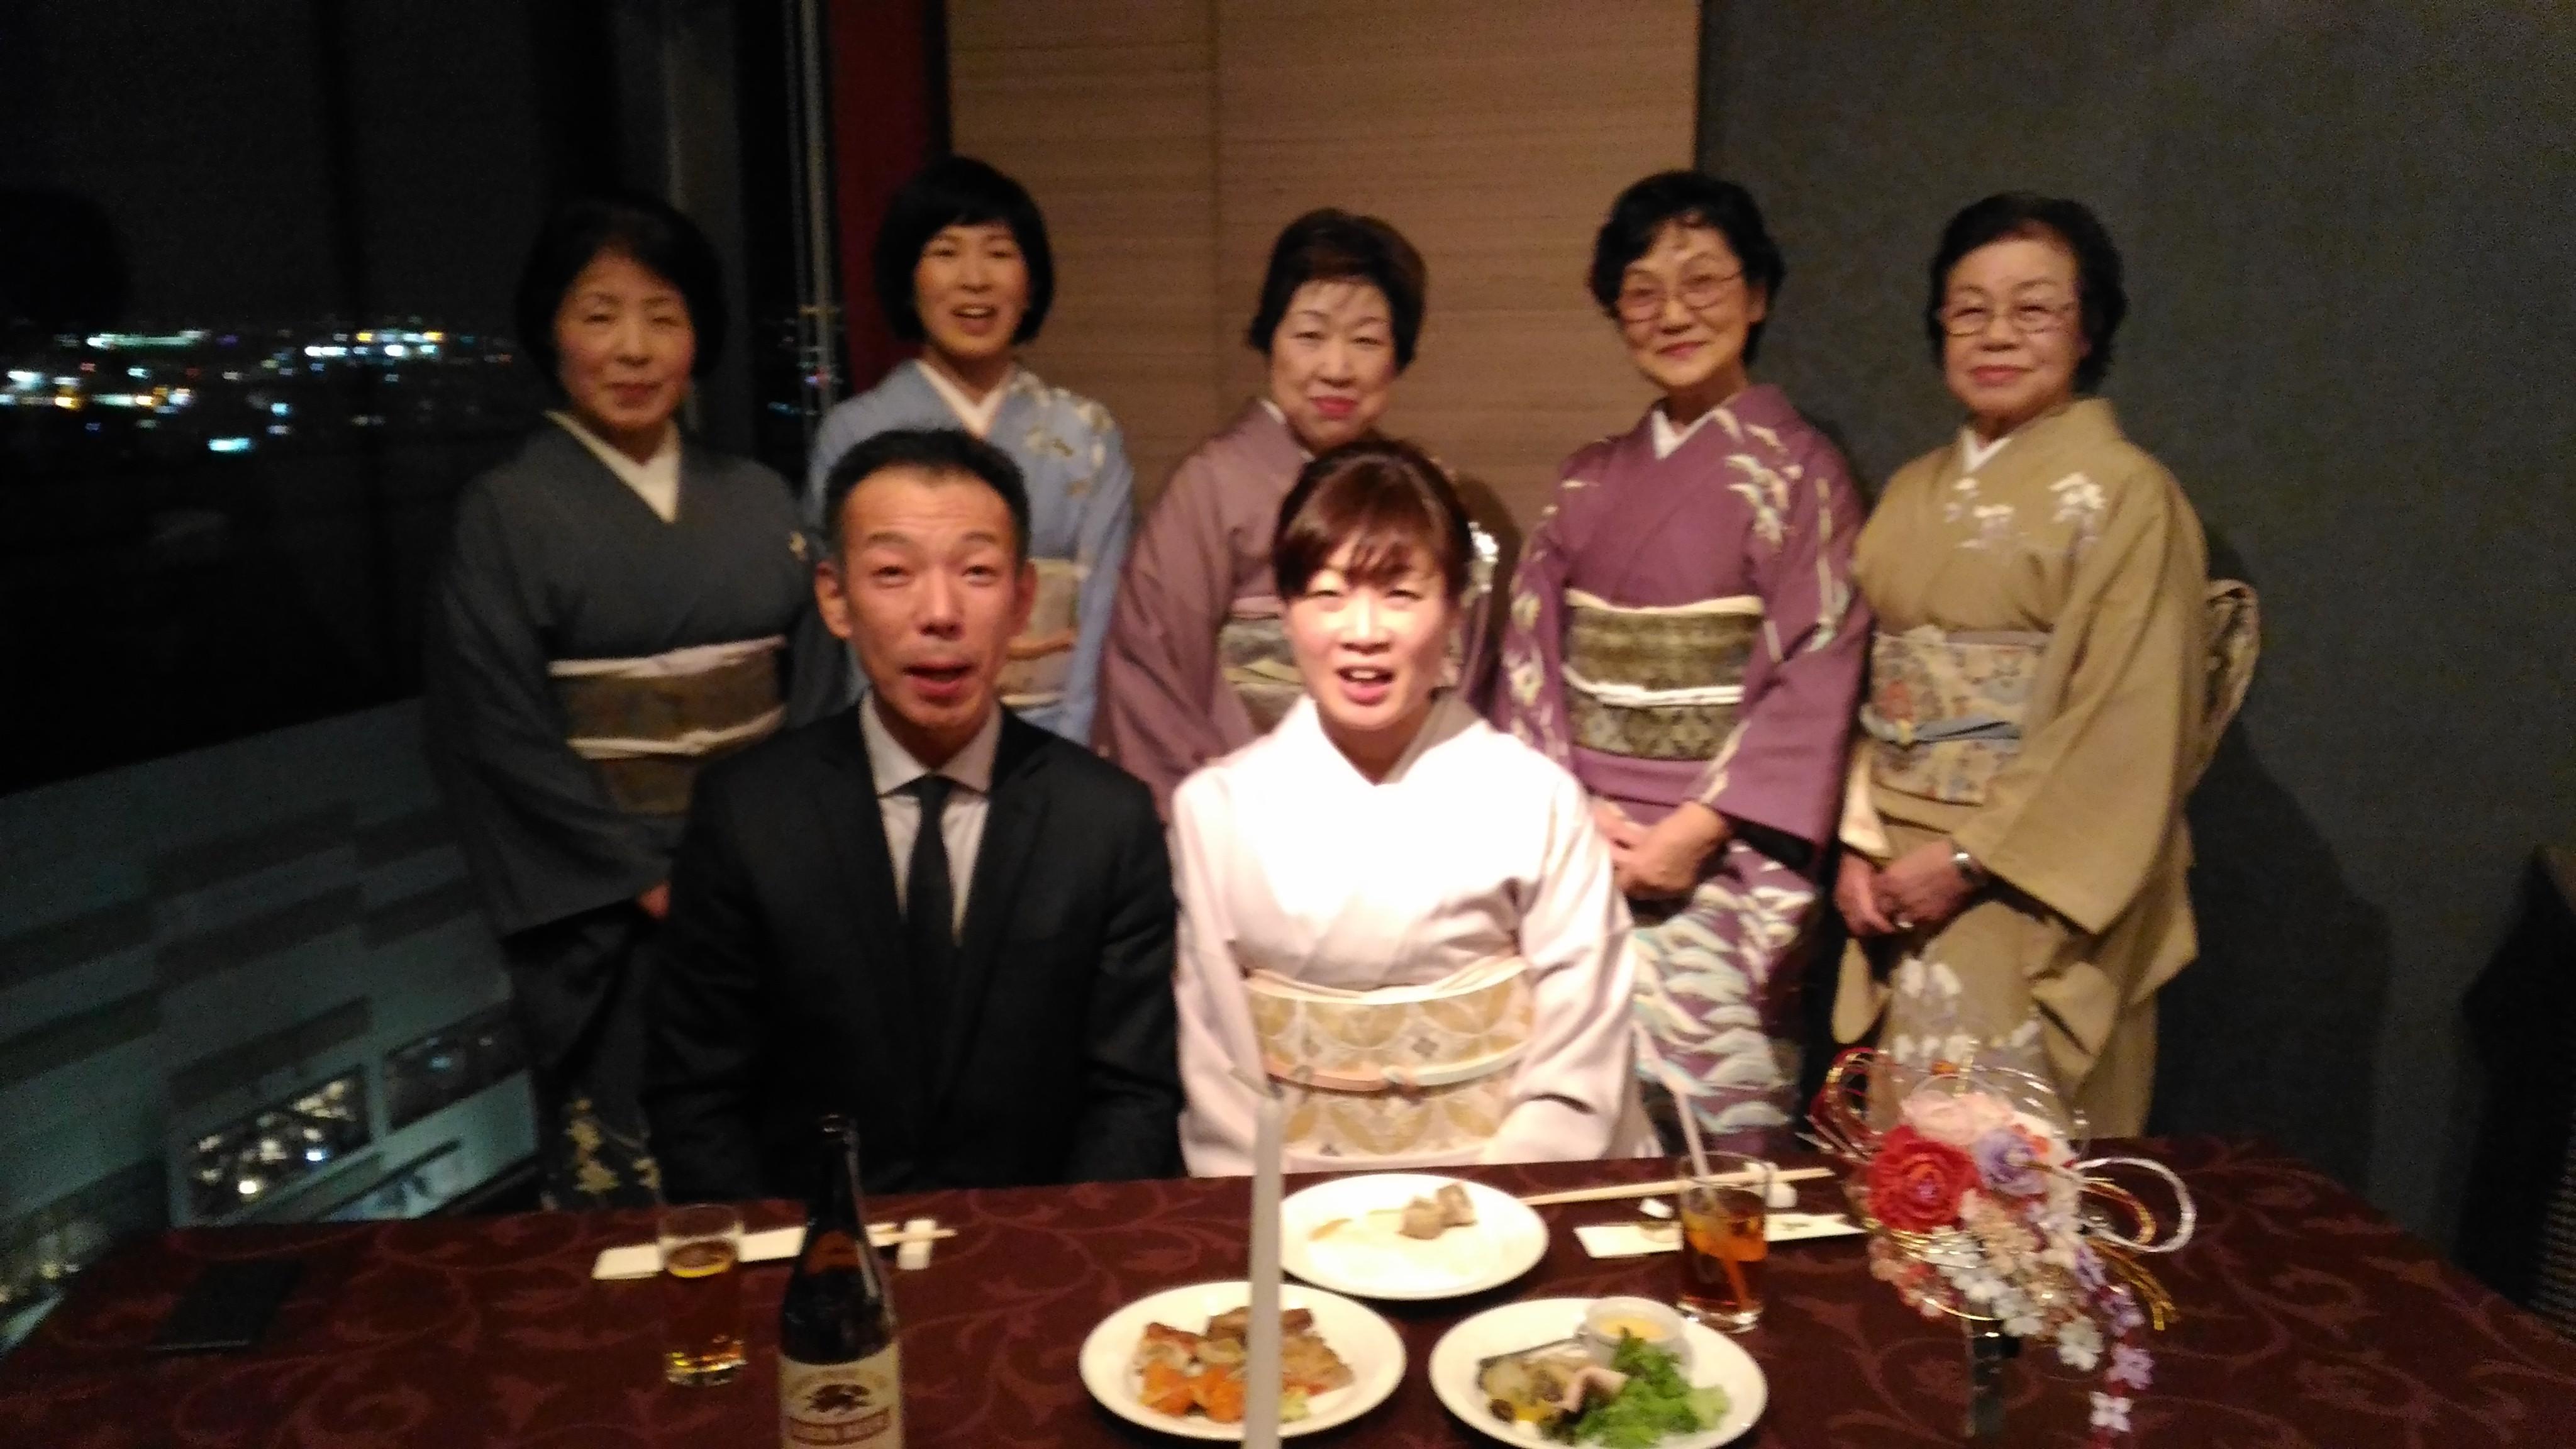 20170325_kacoちゃん結婚おめでとう